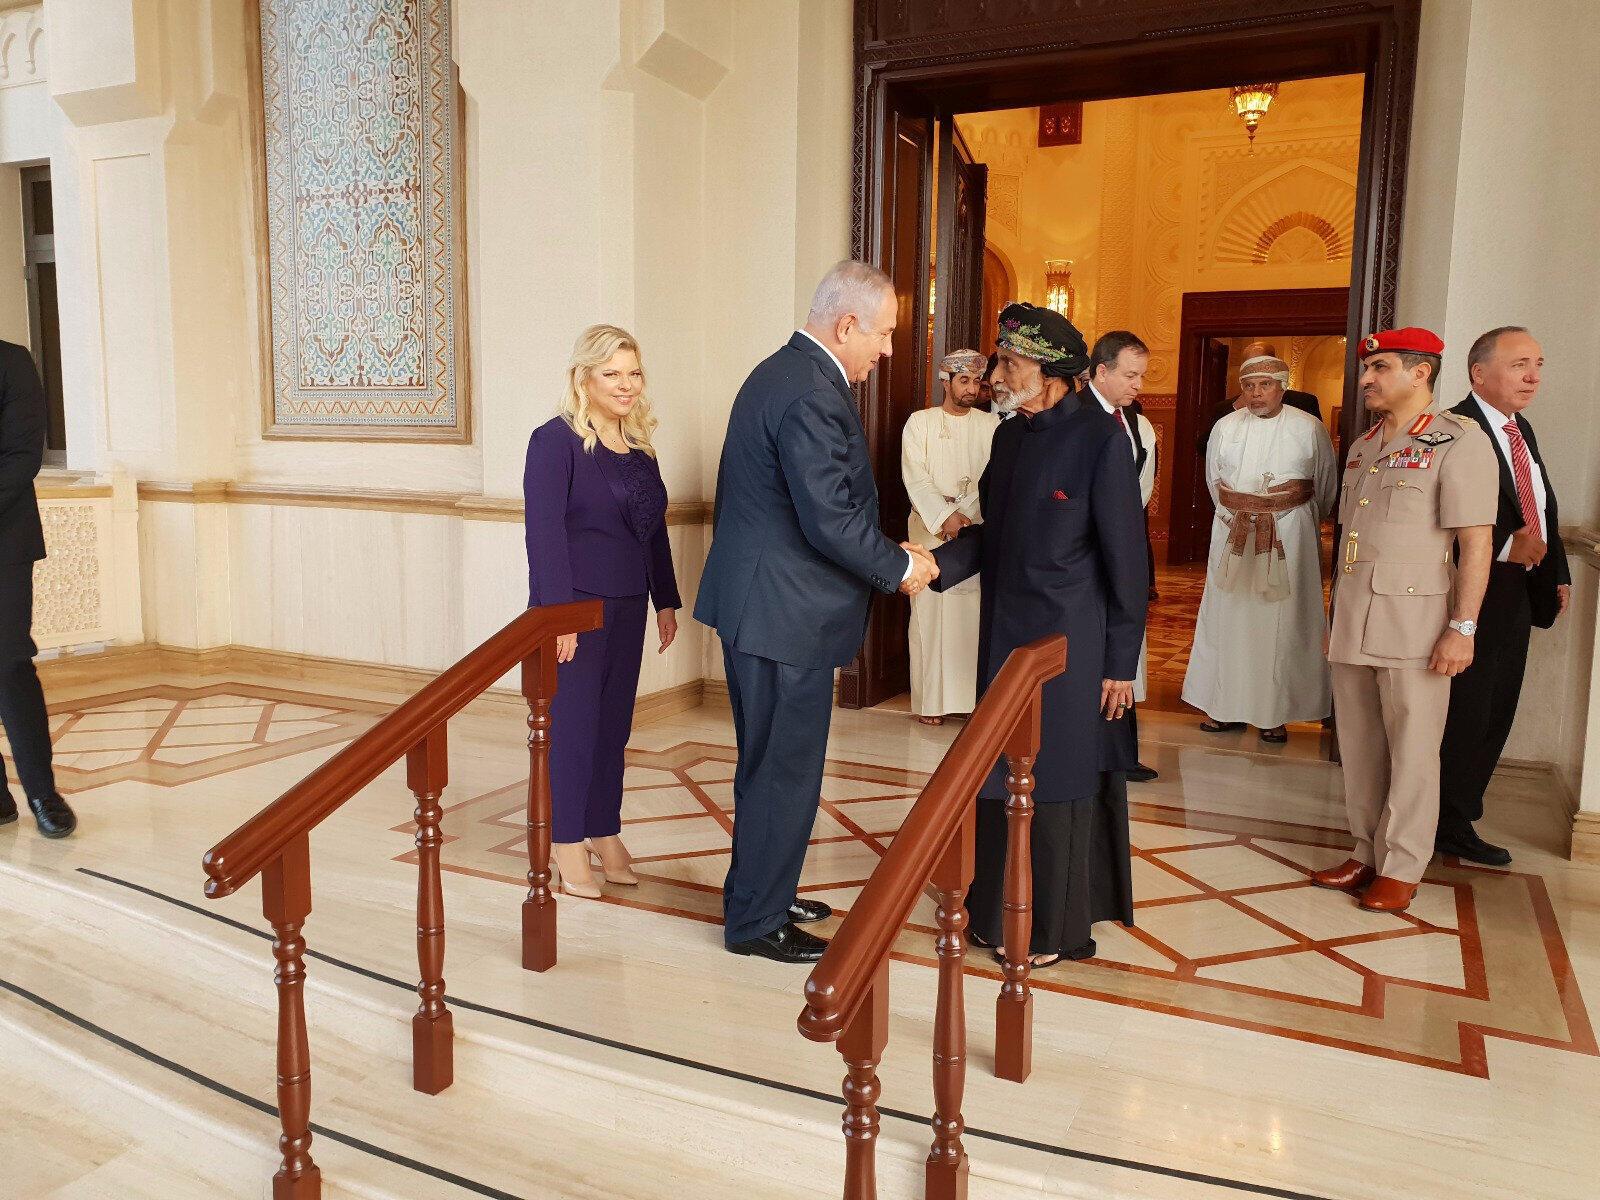 Le Premier ministre israélien Benyamin Netanyahu a été reçu à Oman par le sultan Qabous, une première depuis plus de 20 ans.